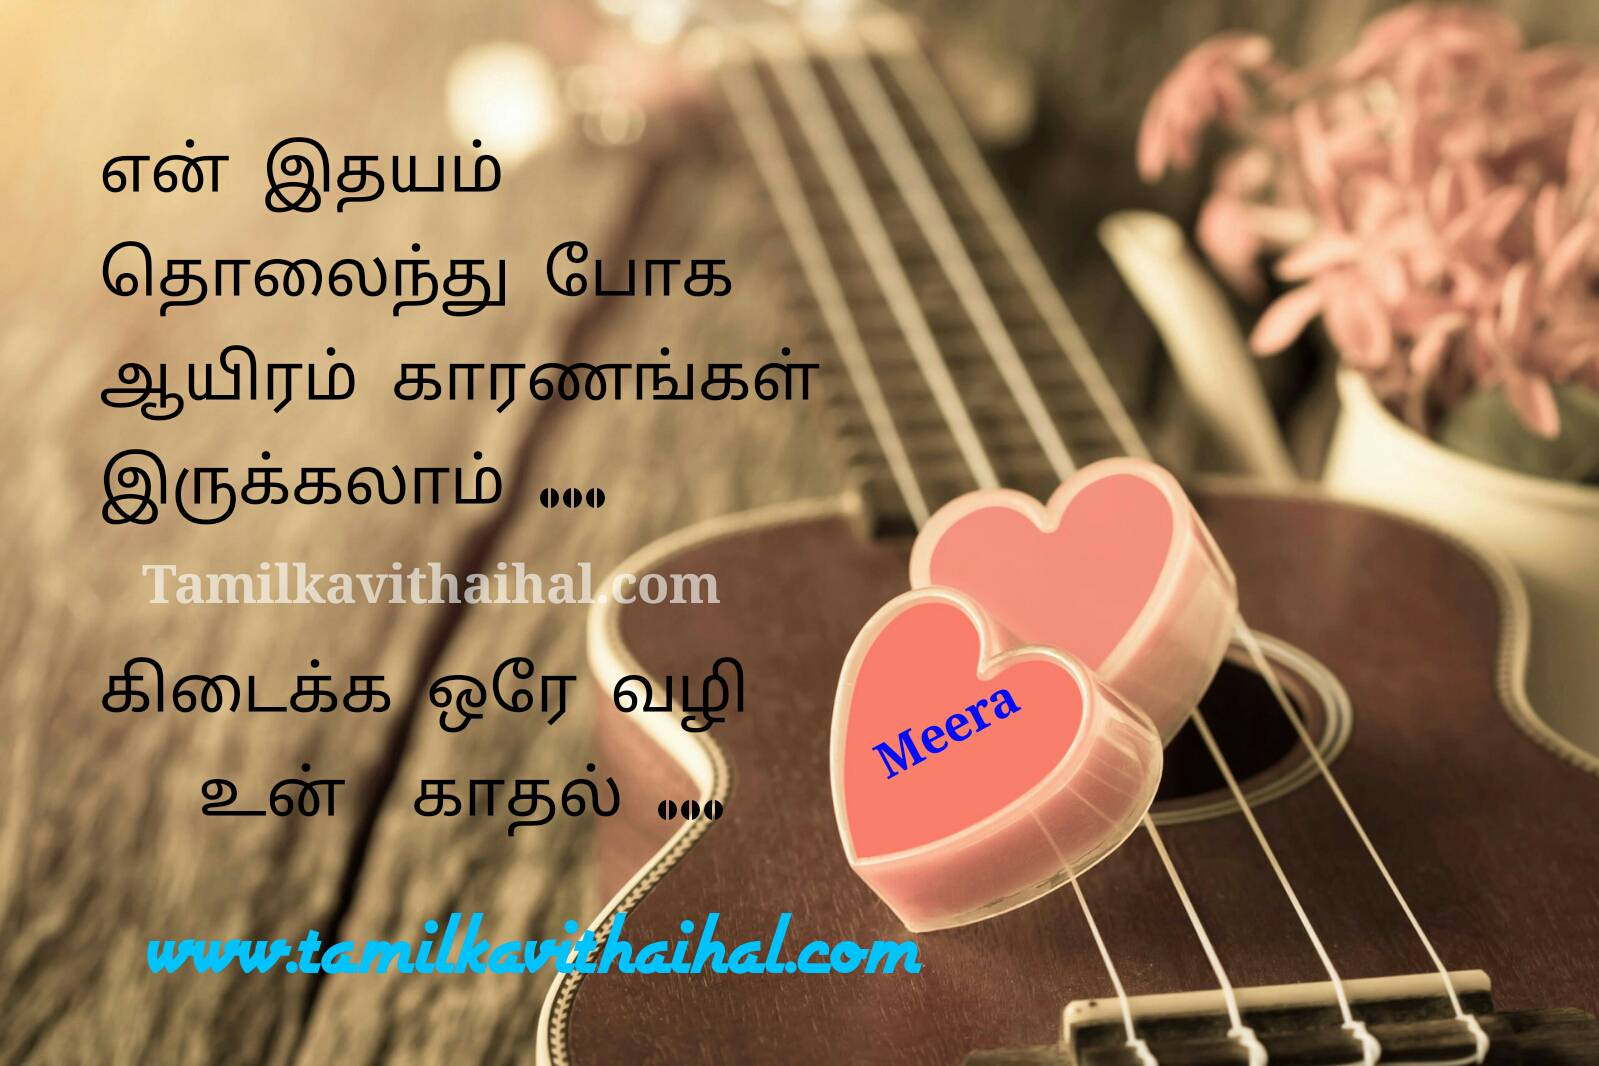 Beautiful heart touching tamil kadhal kavithai en idhayam tholainthu poka karanam nee kidikka vali un kadhal meera poem